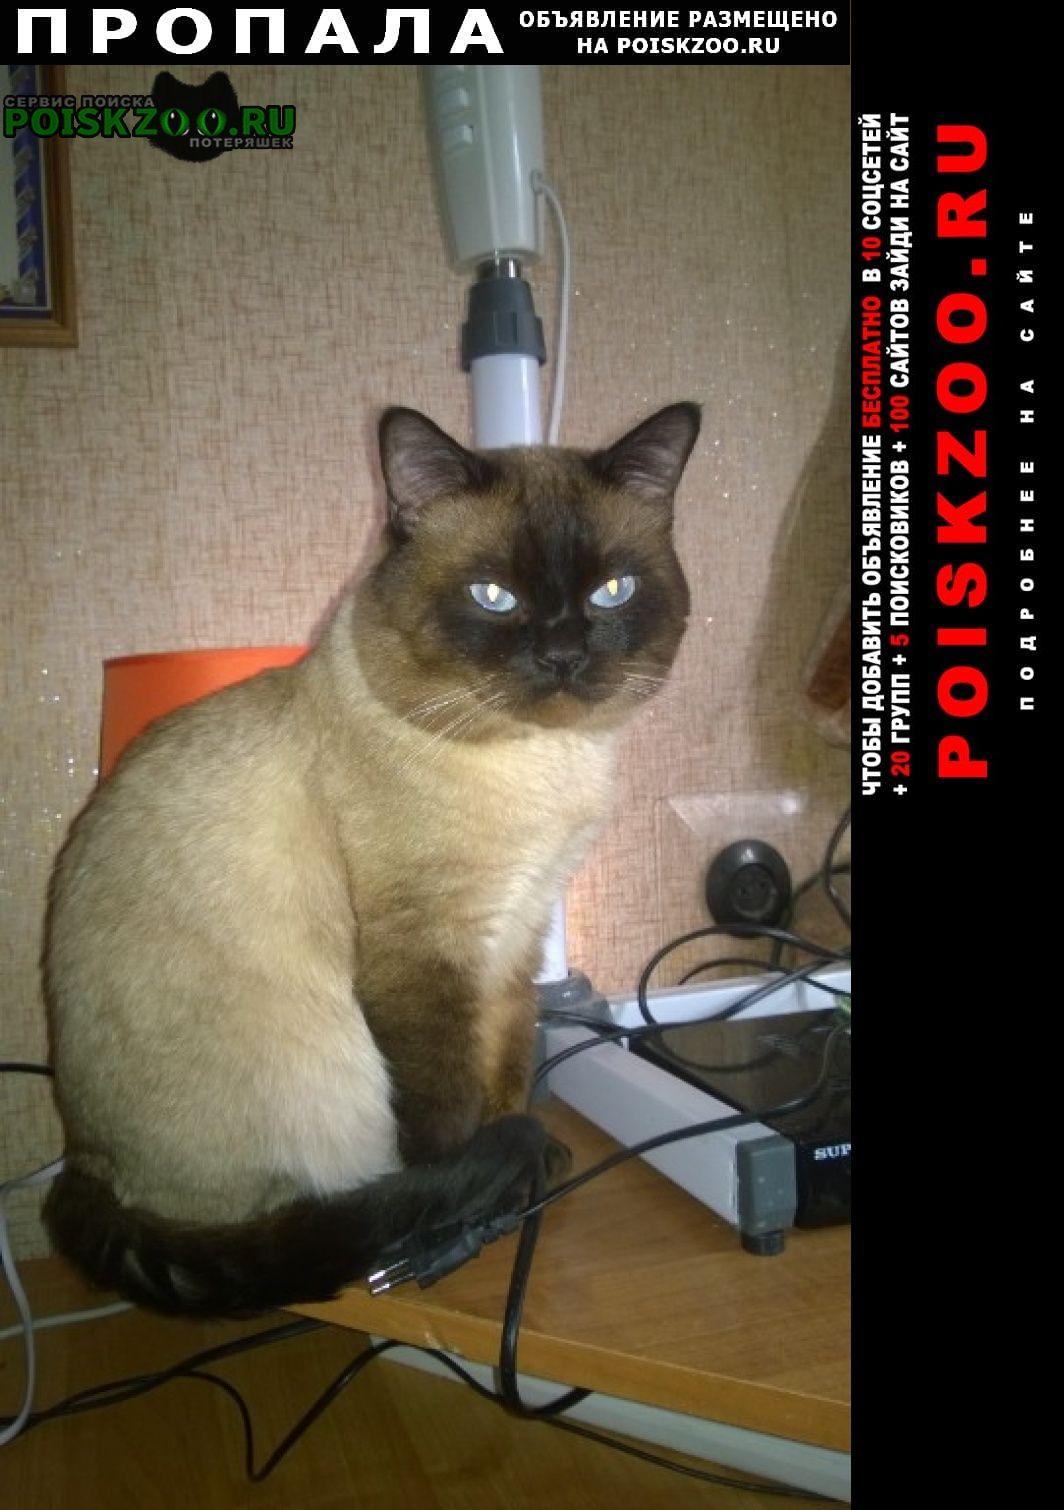 Пропала кошка кот Воронеж